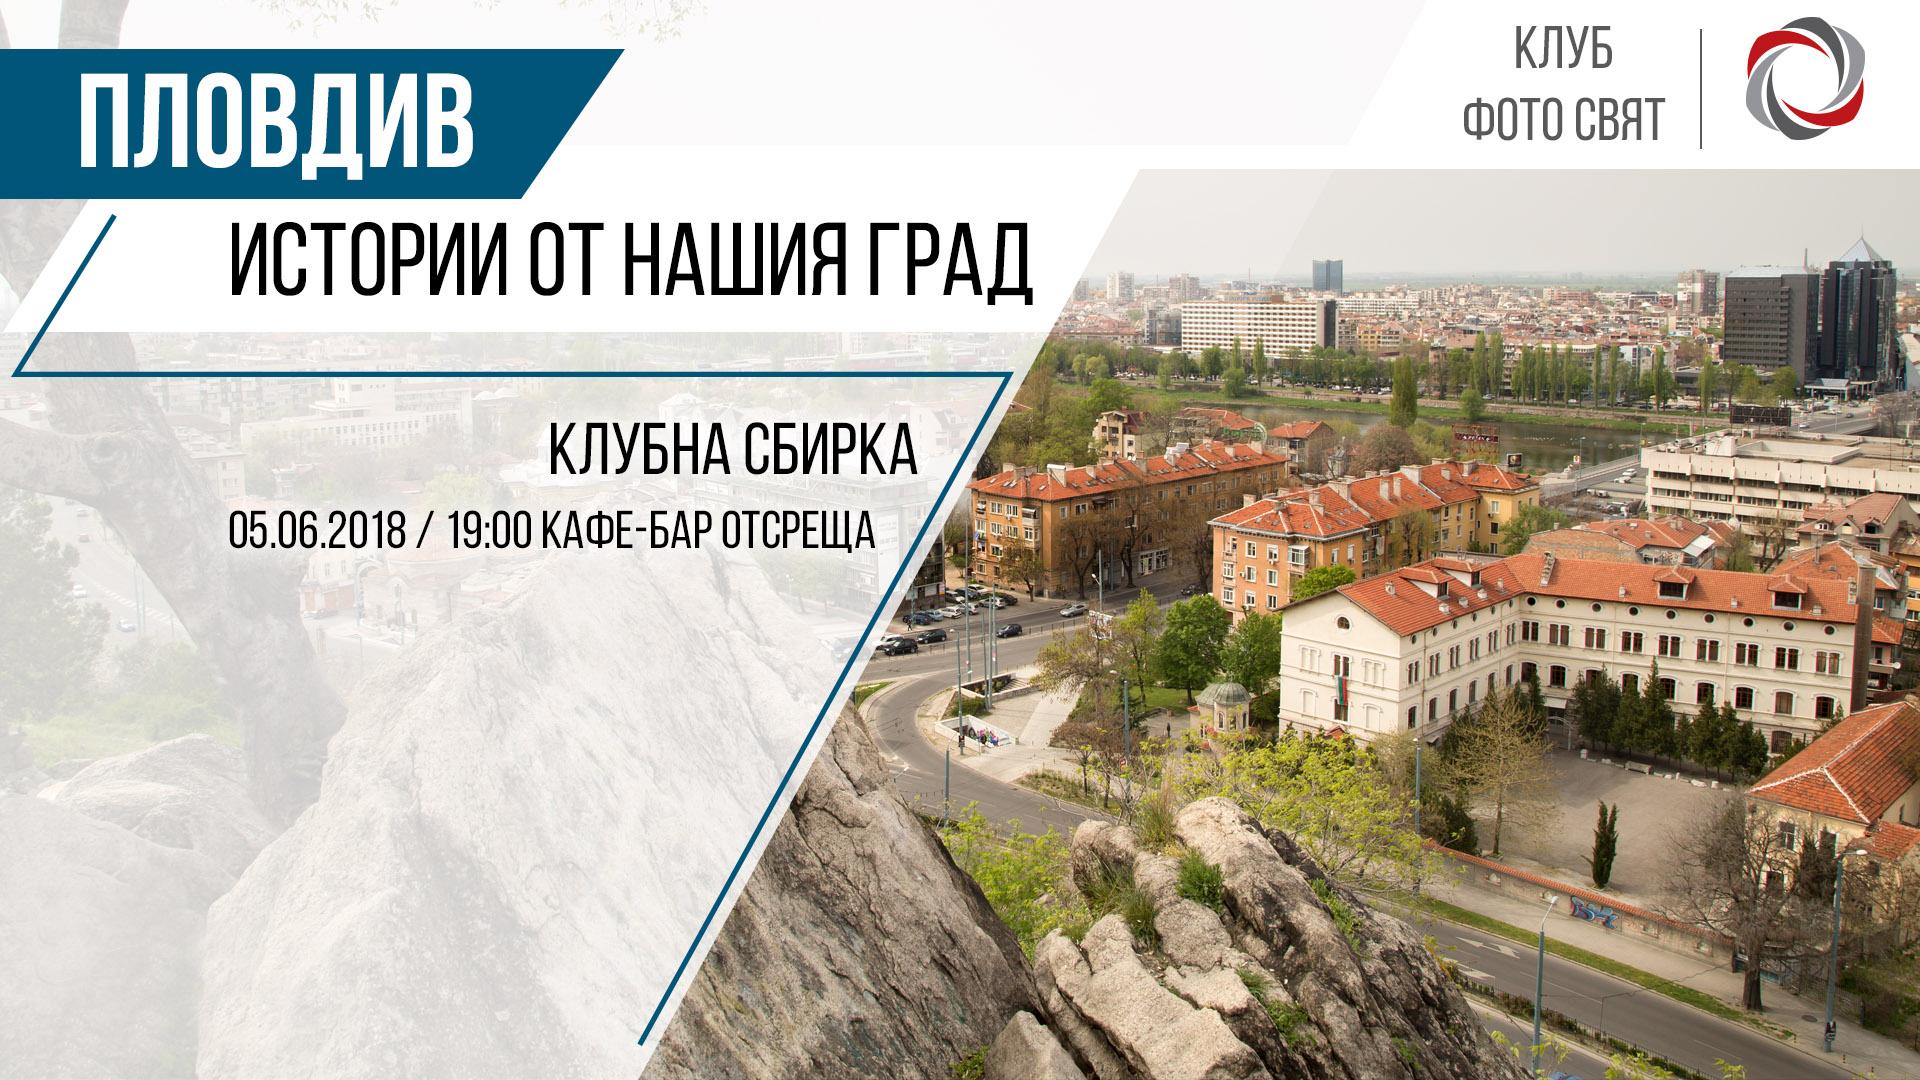 Истории от нашия град - Пловдив